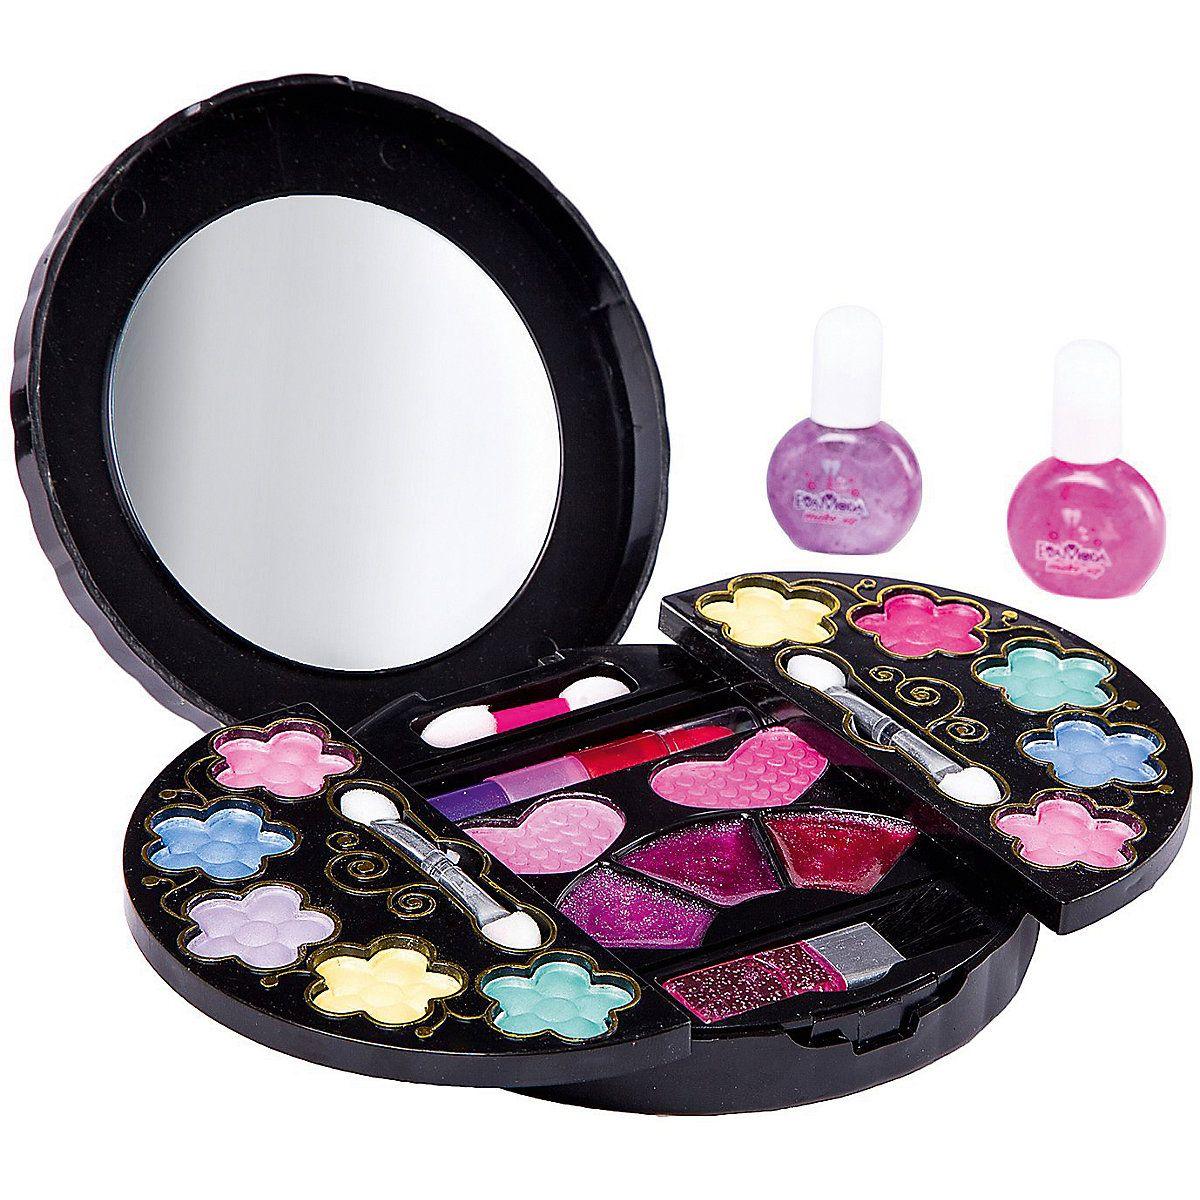 BONDIBON Schönheit & Mode Spielzeug 10078011 kosmetik für mädchen make-up sets spielen spiel